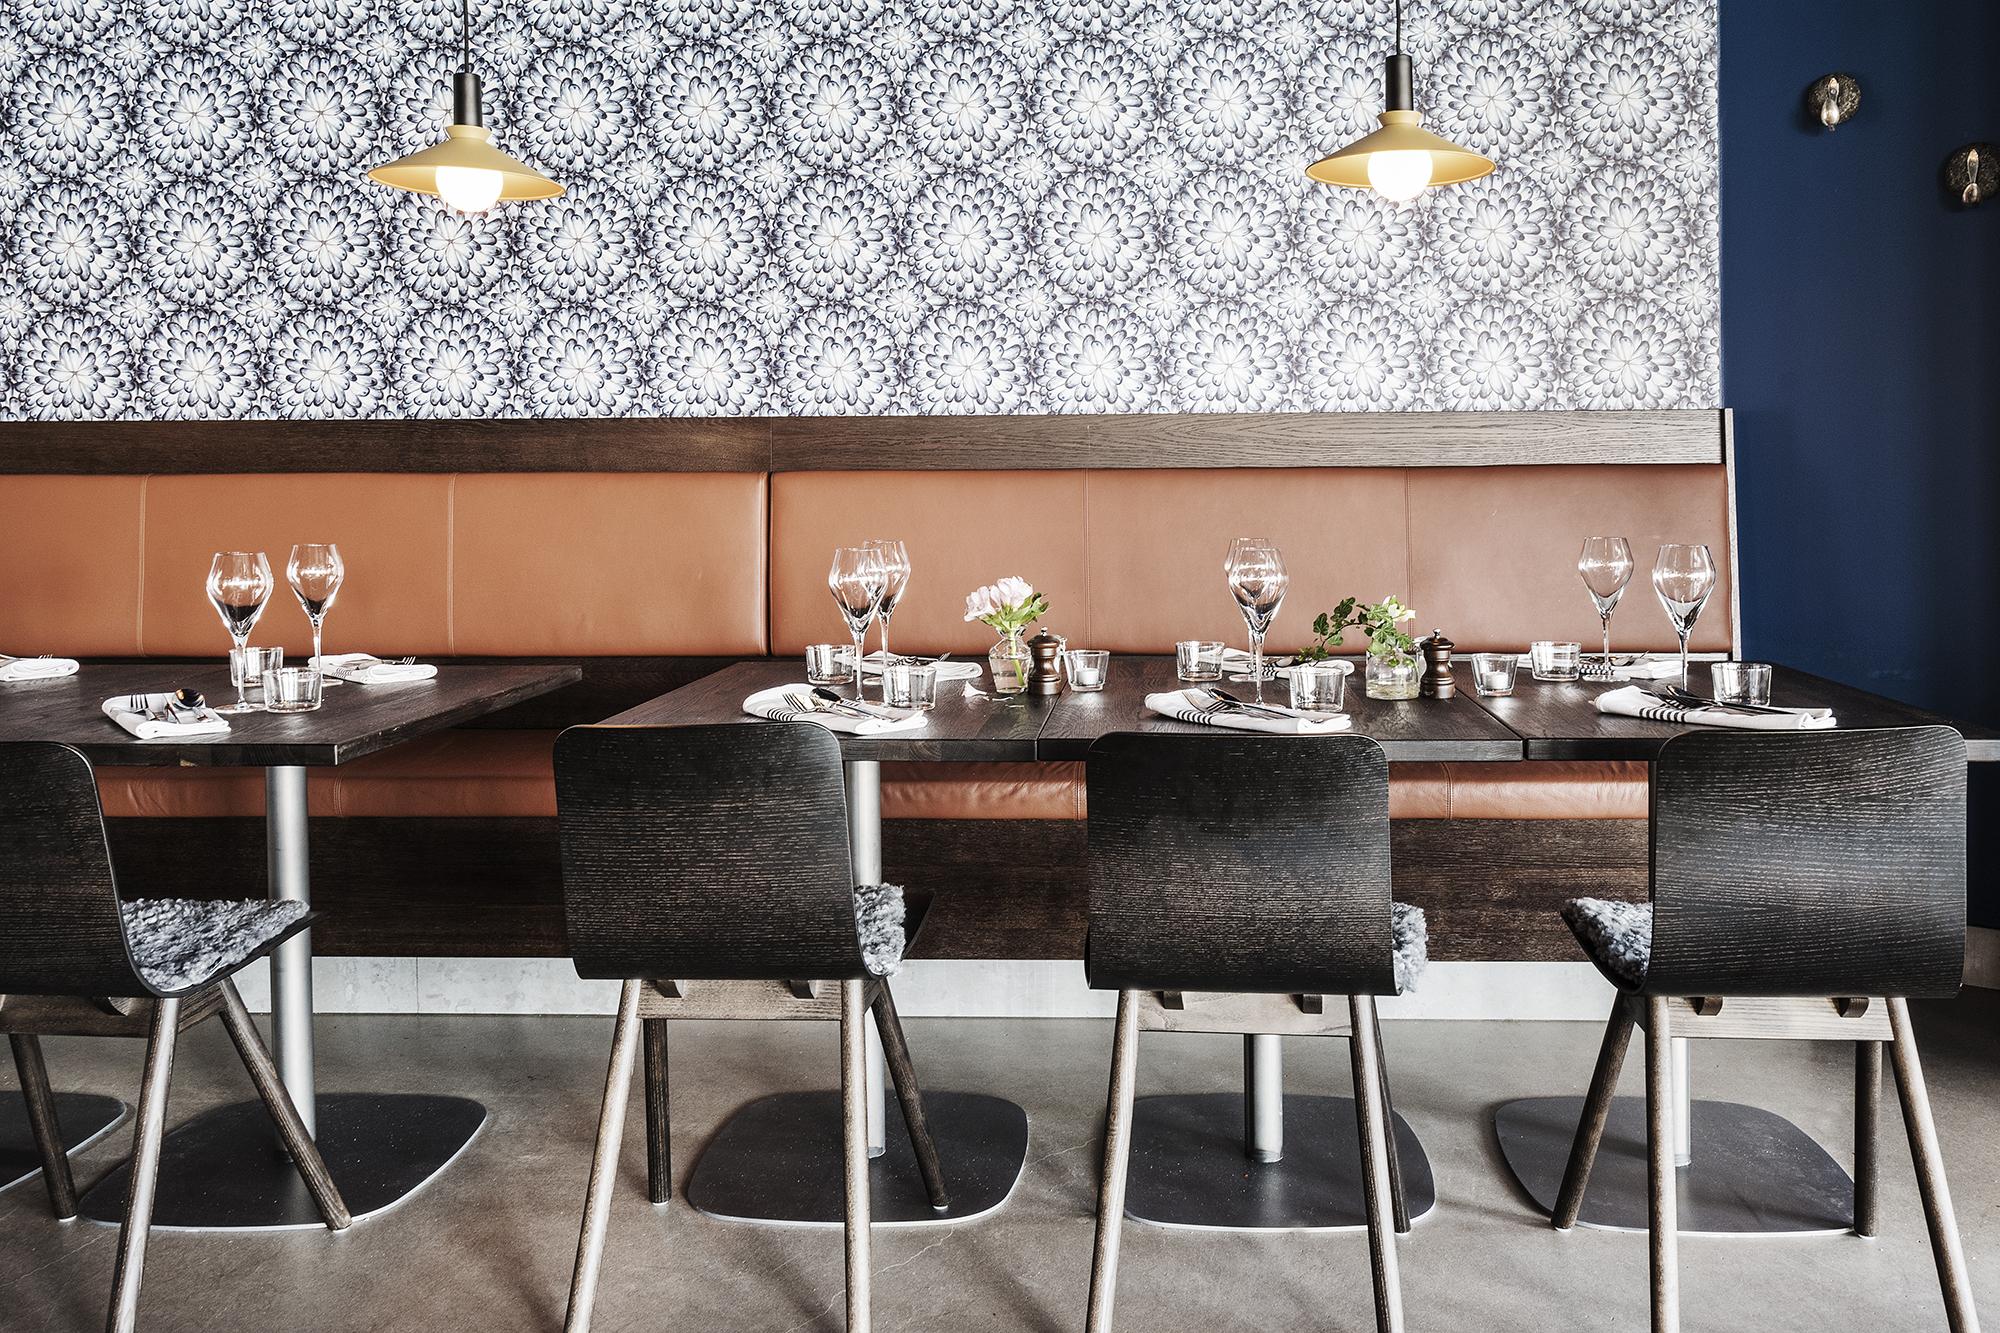 ÄT OCH NJUT! - Musselbaren öppnade våren 2017. Den ligger strategiskt på kajen vid Smögens hamninlopp, en råvarurestaurang med havets frukter på menyn och särskilt fokus på den bohuslänska blåmusslan.